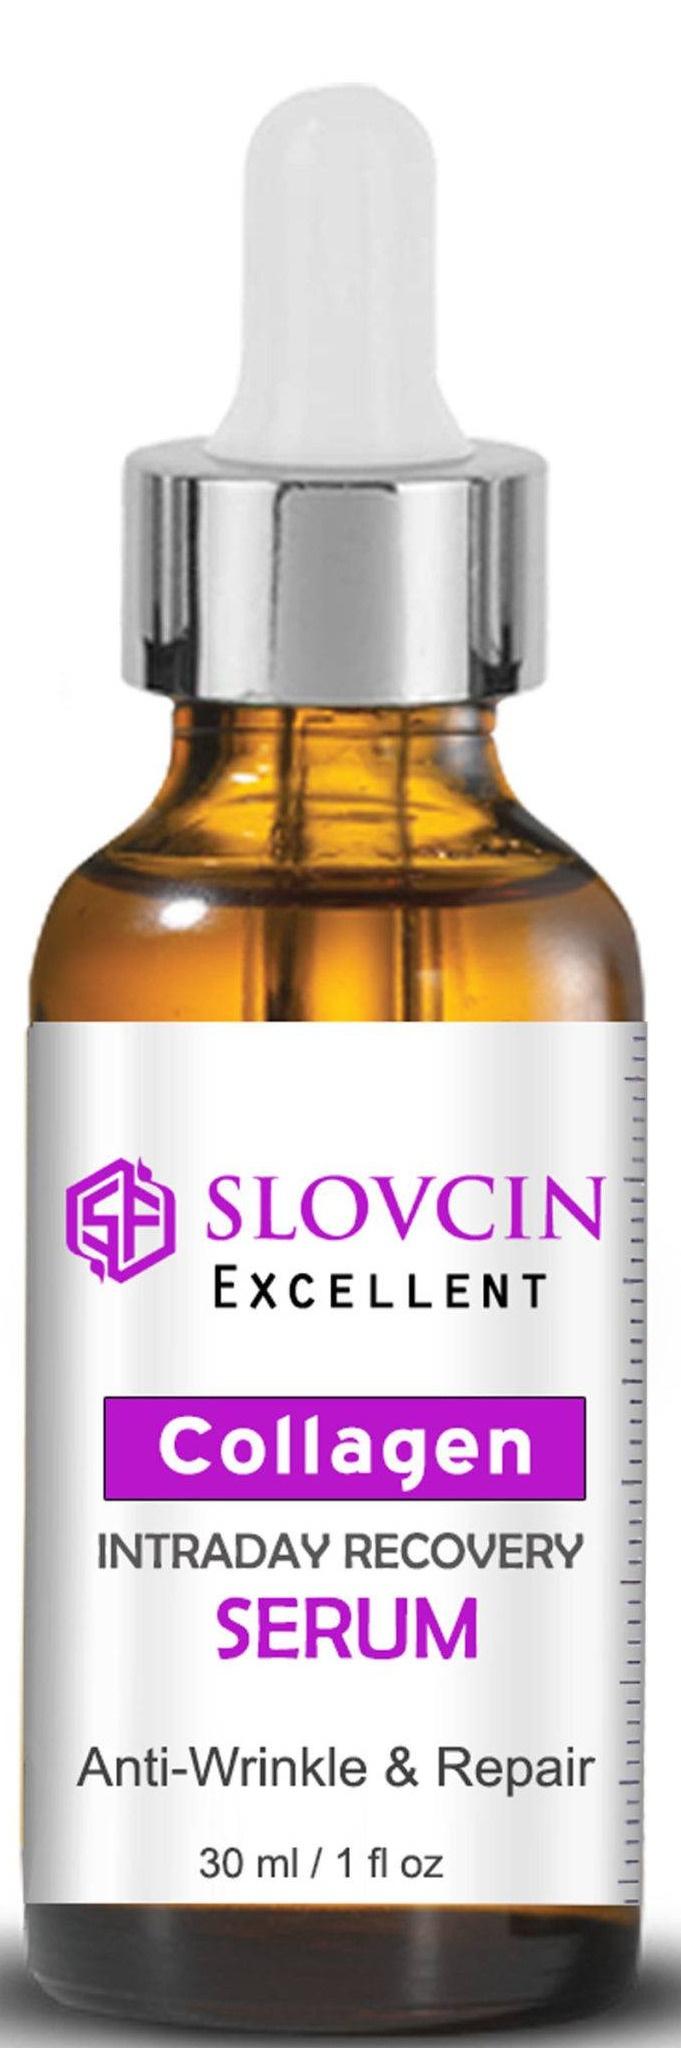 Slovcin Collagen Serum